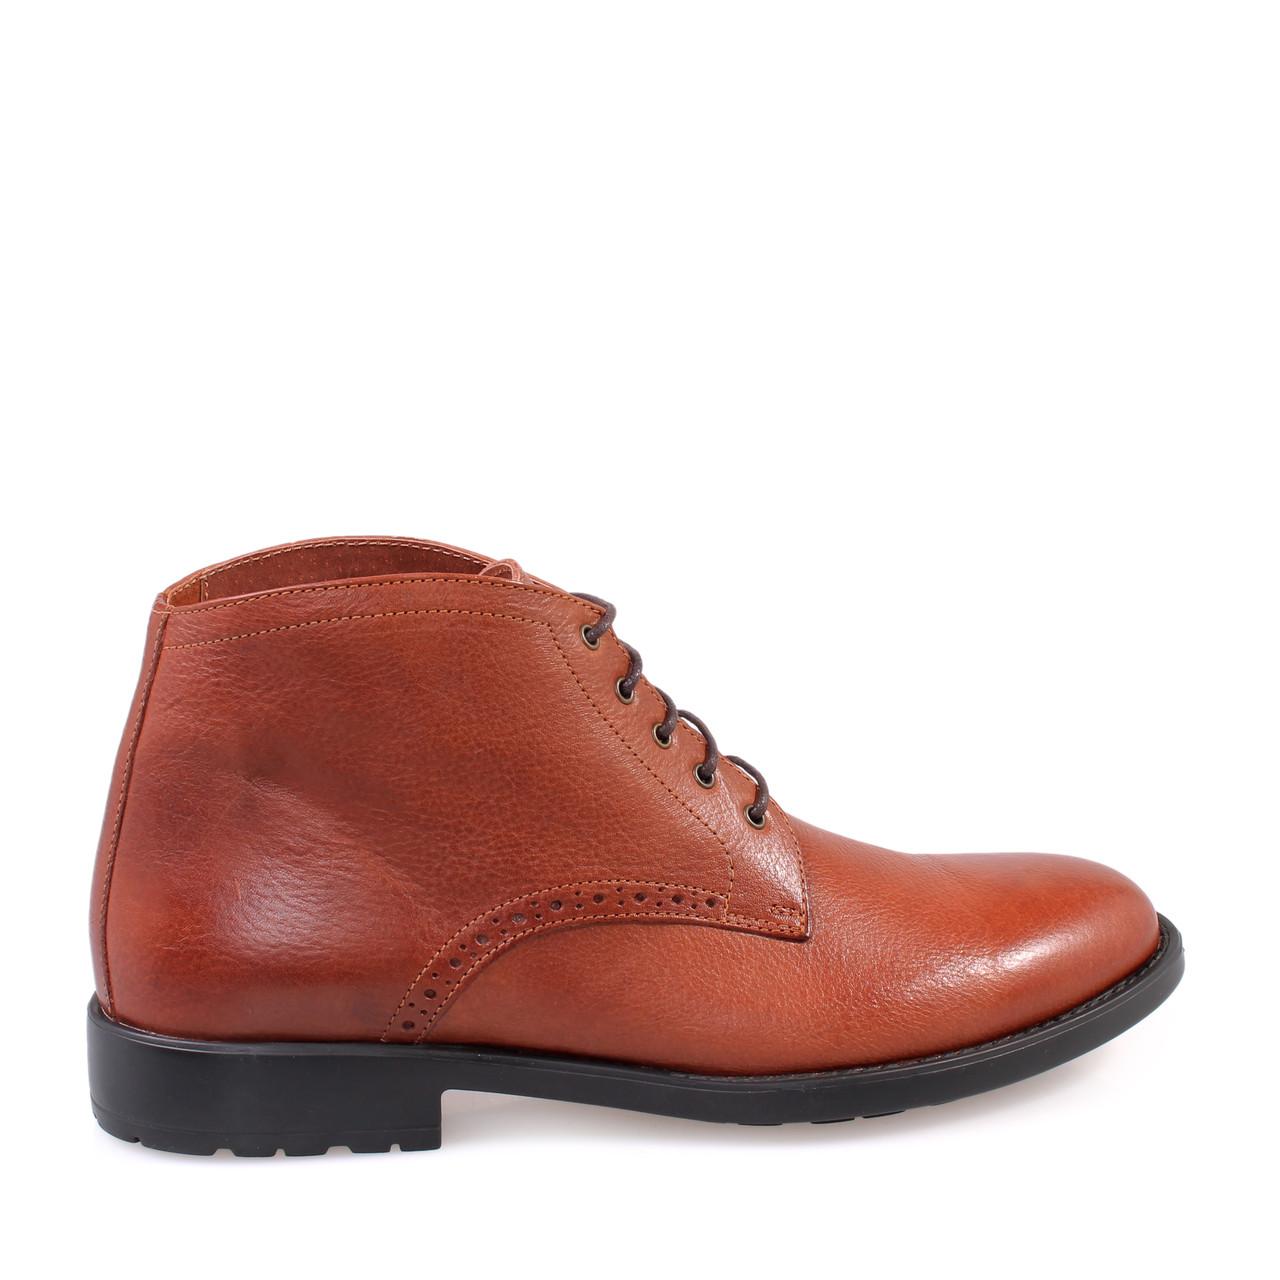 b985b933abe Best Offers > Ενήλικες > Παπούτσια > Μπότες & Μποτάκια / ΓΥΝΑΙΚΕΙΑ ...